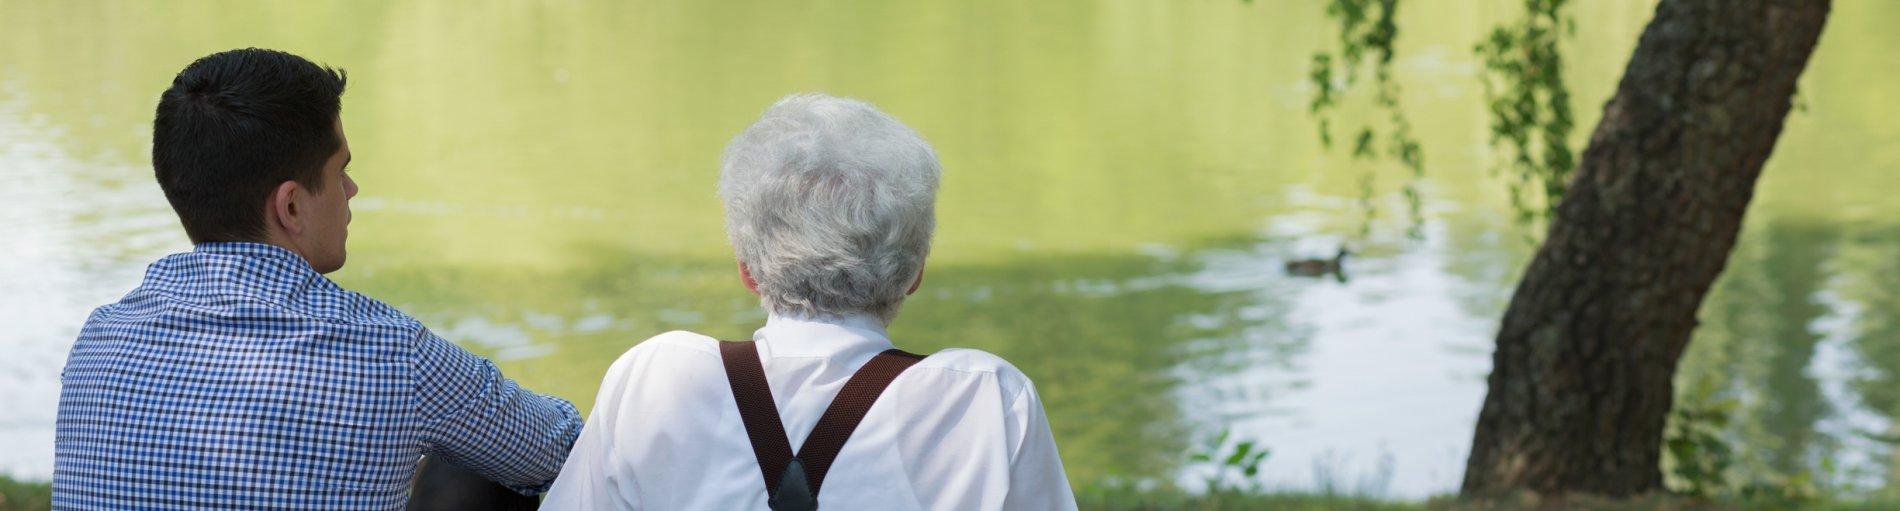 Junger und alter Mann blicken auf einen See